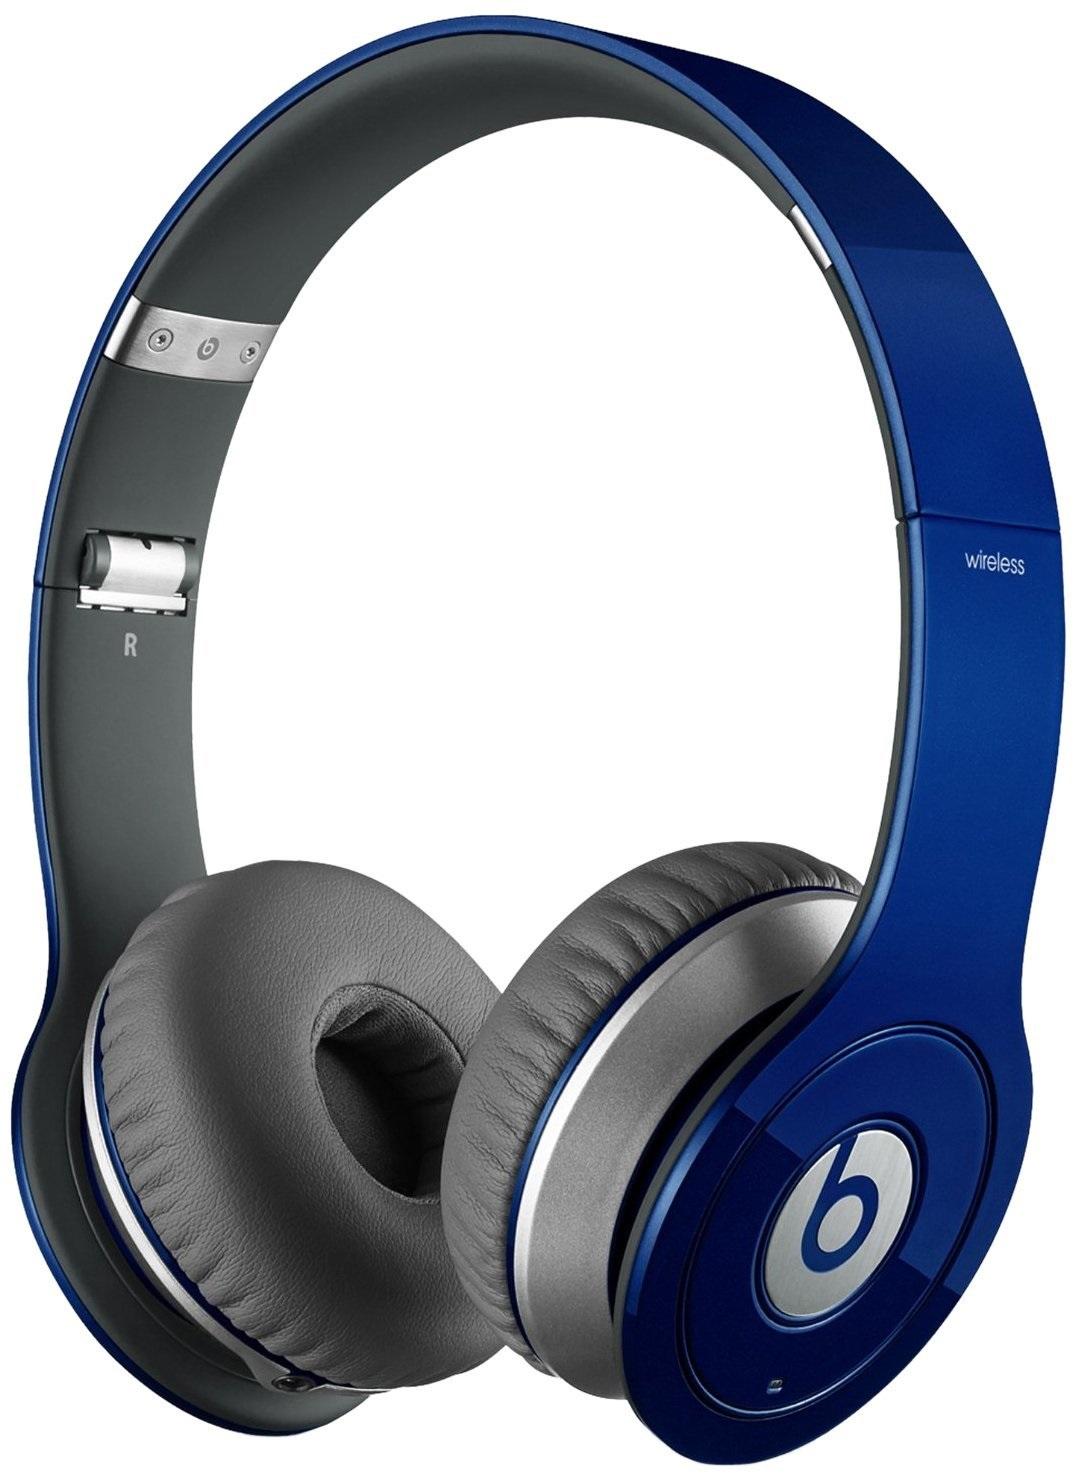 Beats by Dr. Dre wireless blue